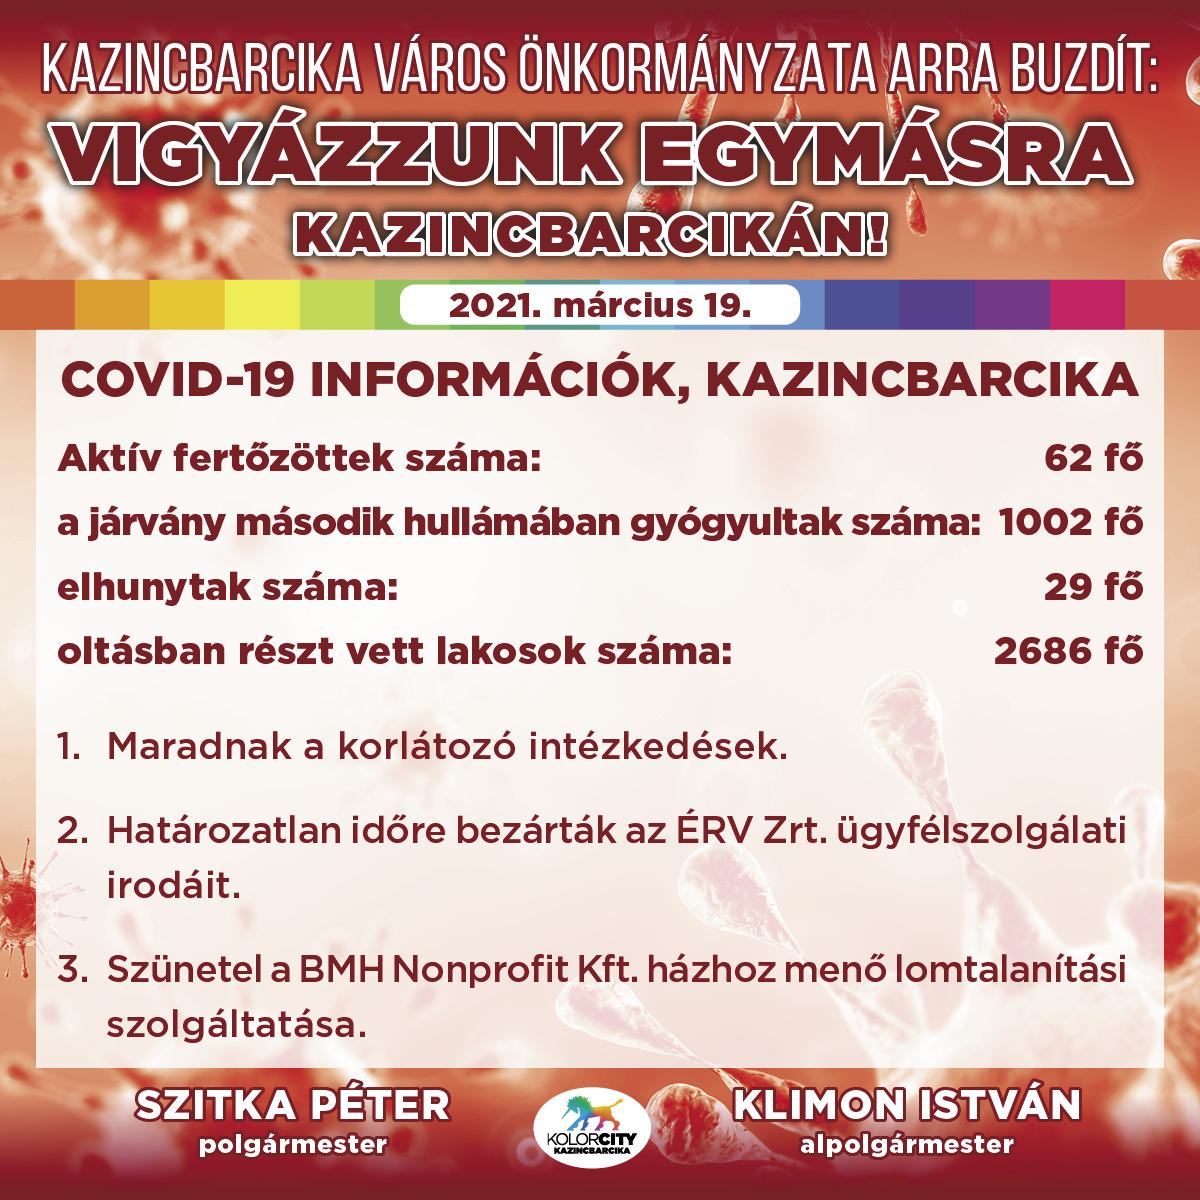 https://kolorline.hu/Vigyázzunk egymásra Kazincbarcikán! – 2021. március 19.